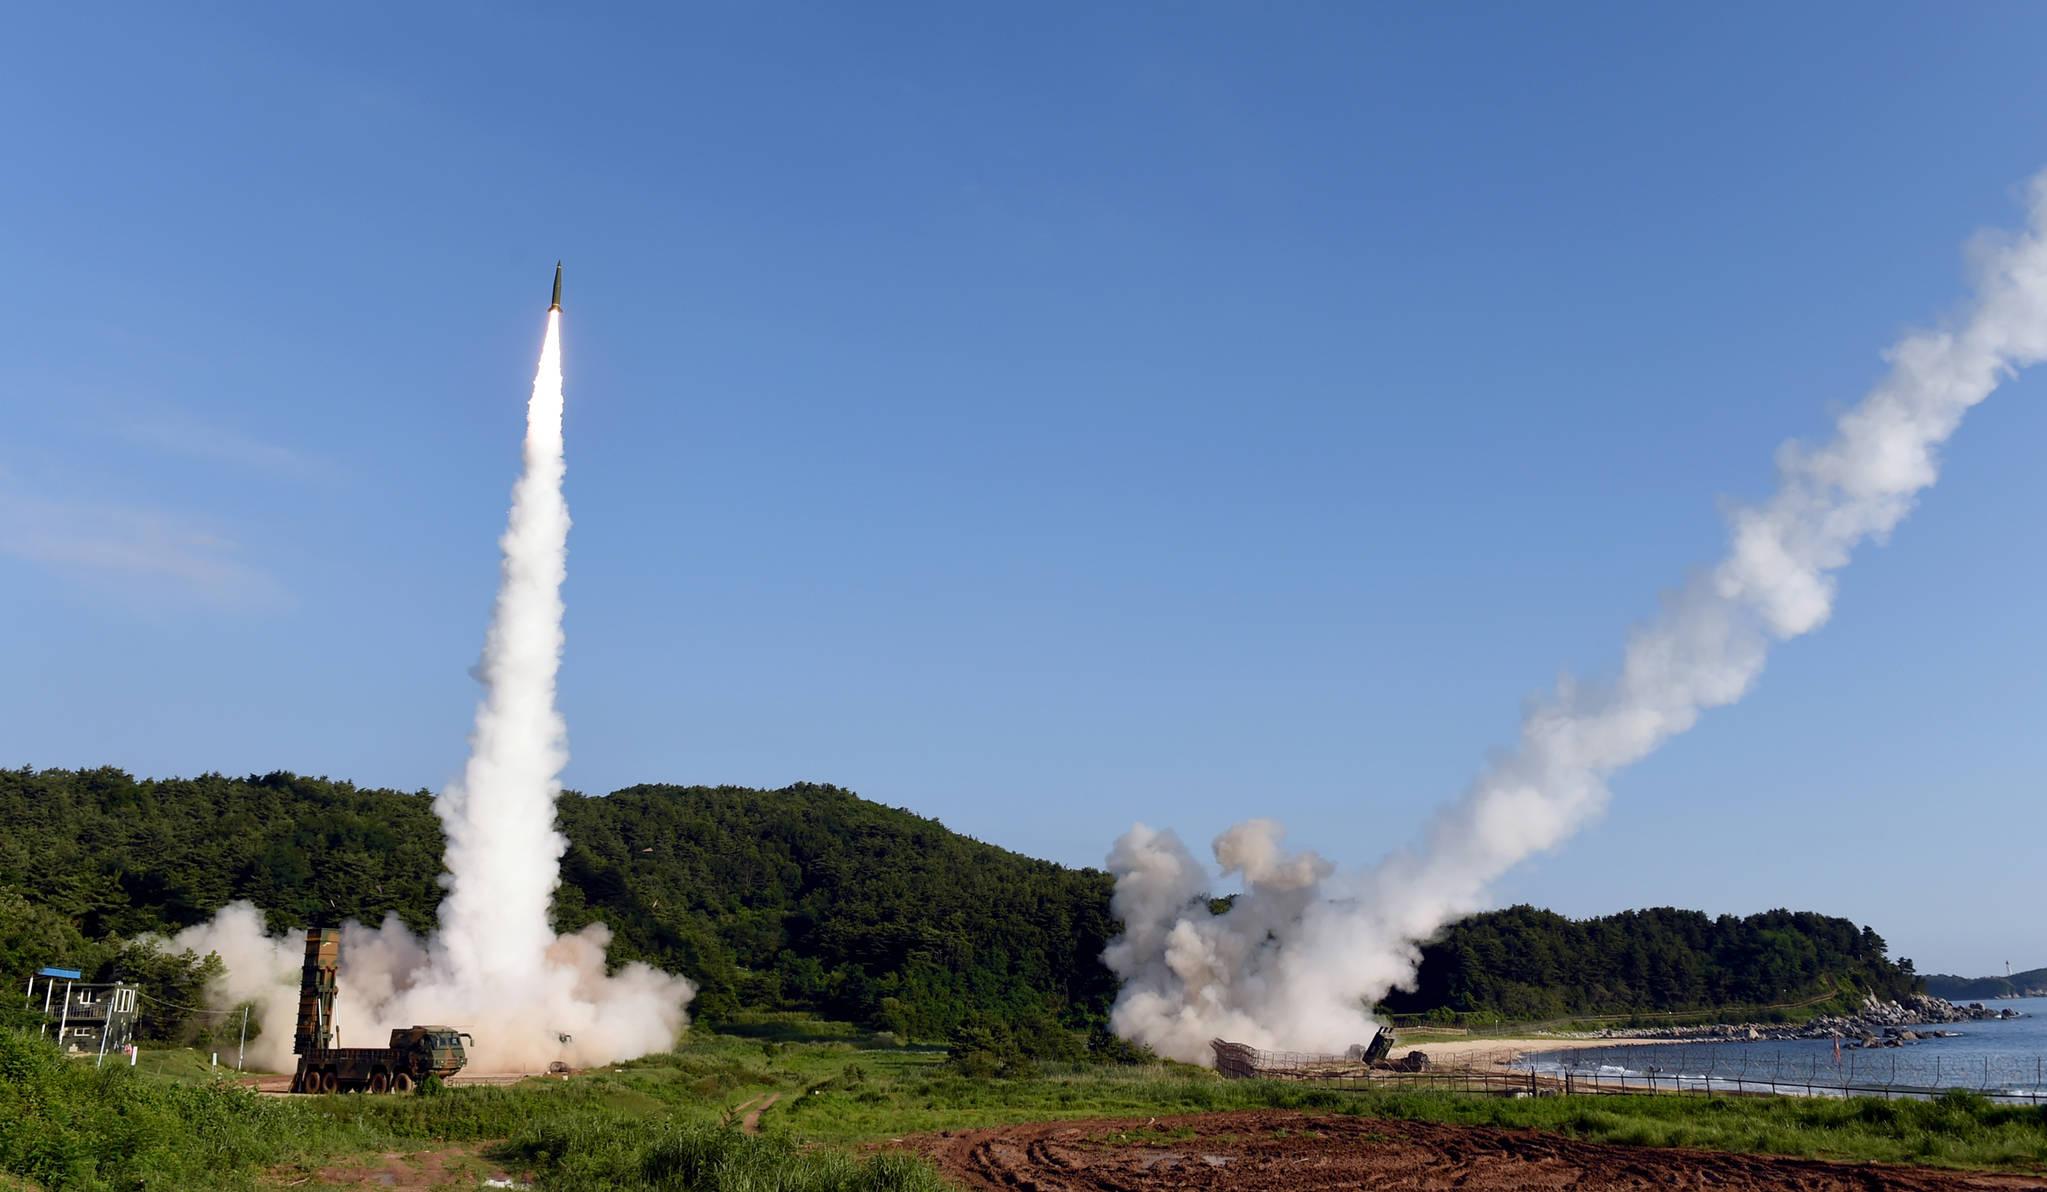 북한의 대륙간탄도미사일(ICBM) 도발에 대응해 5일 오전 동해안에서 열린 한미 연합 탄도미사일 타격훈련에서 한국군 탄도미사일 현무-2A(왼쪽)와 주한미군 에이태킴스(ATACMS)가 동시 발사되고 있다. [합동참모본부=연합뉴스]